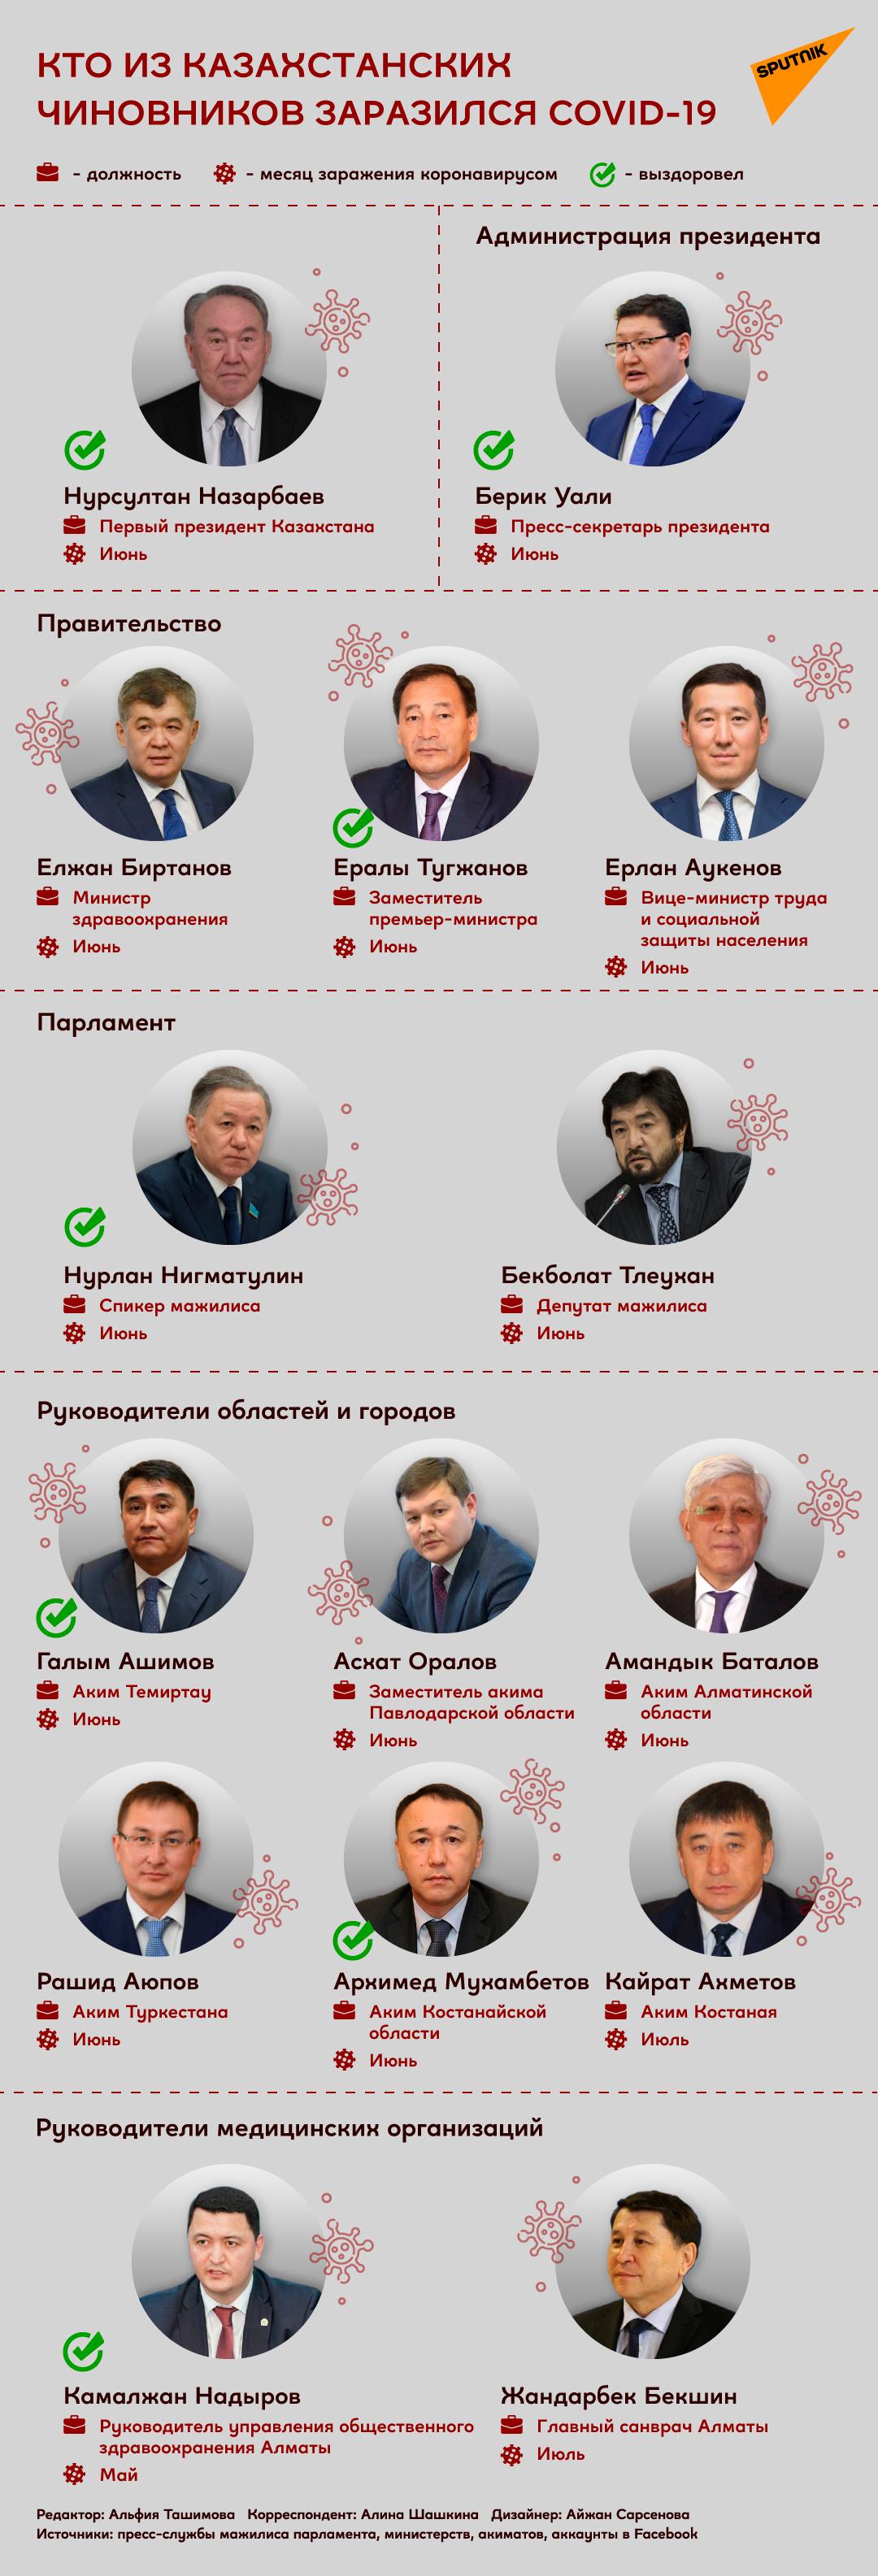 Кто из чиновников Казахстана заразился коронавирусом